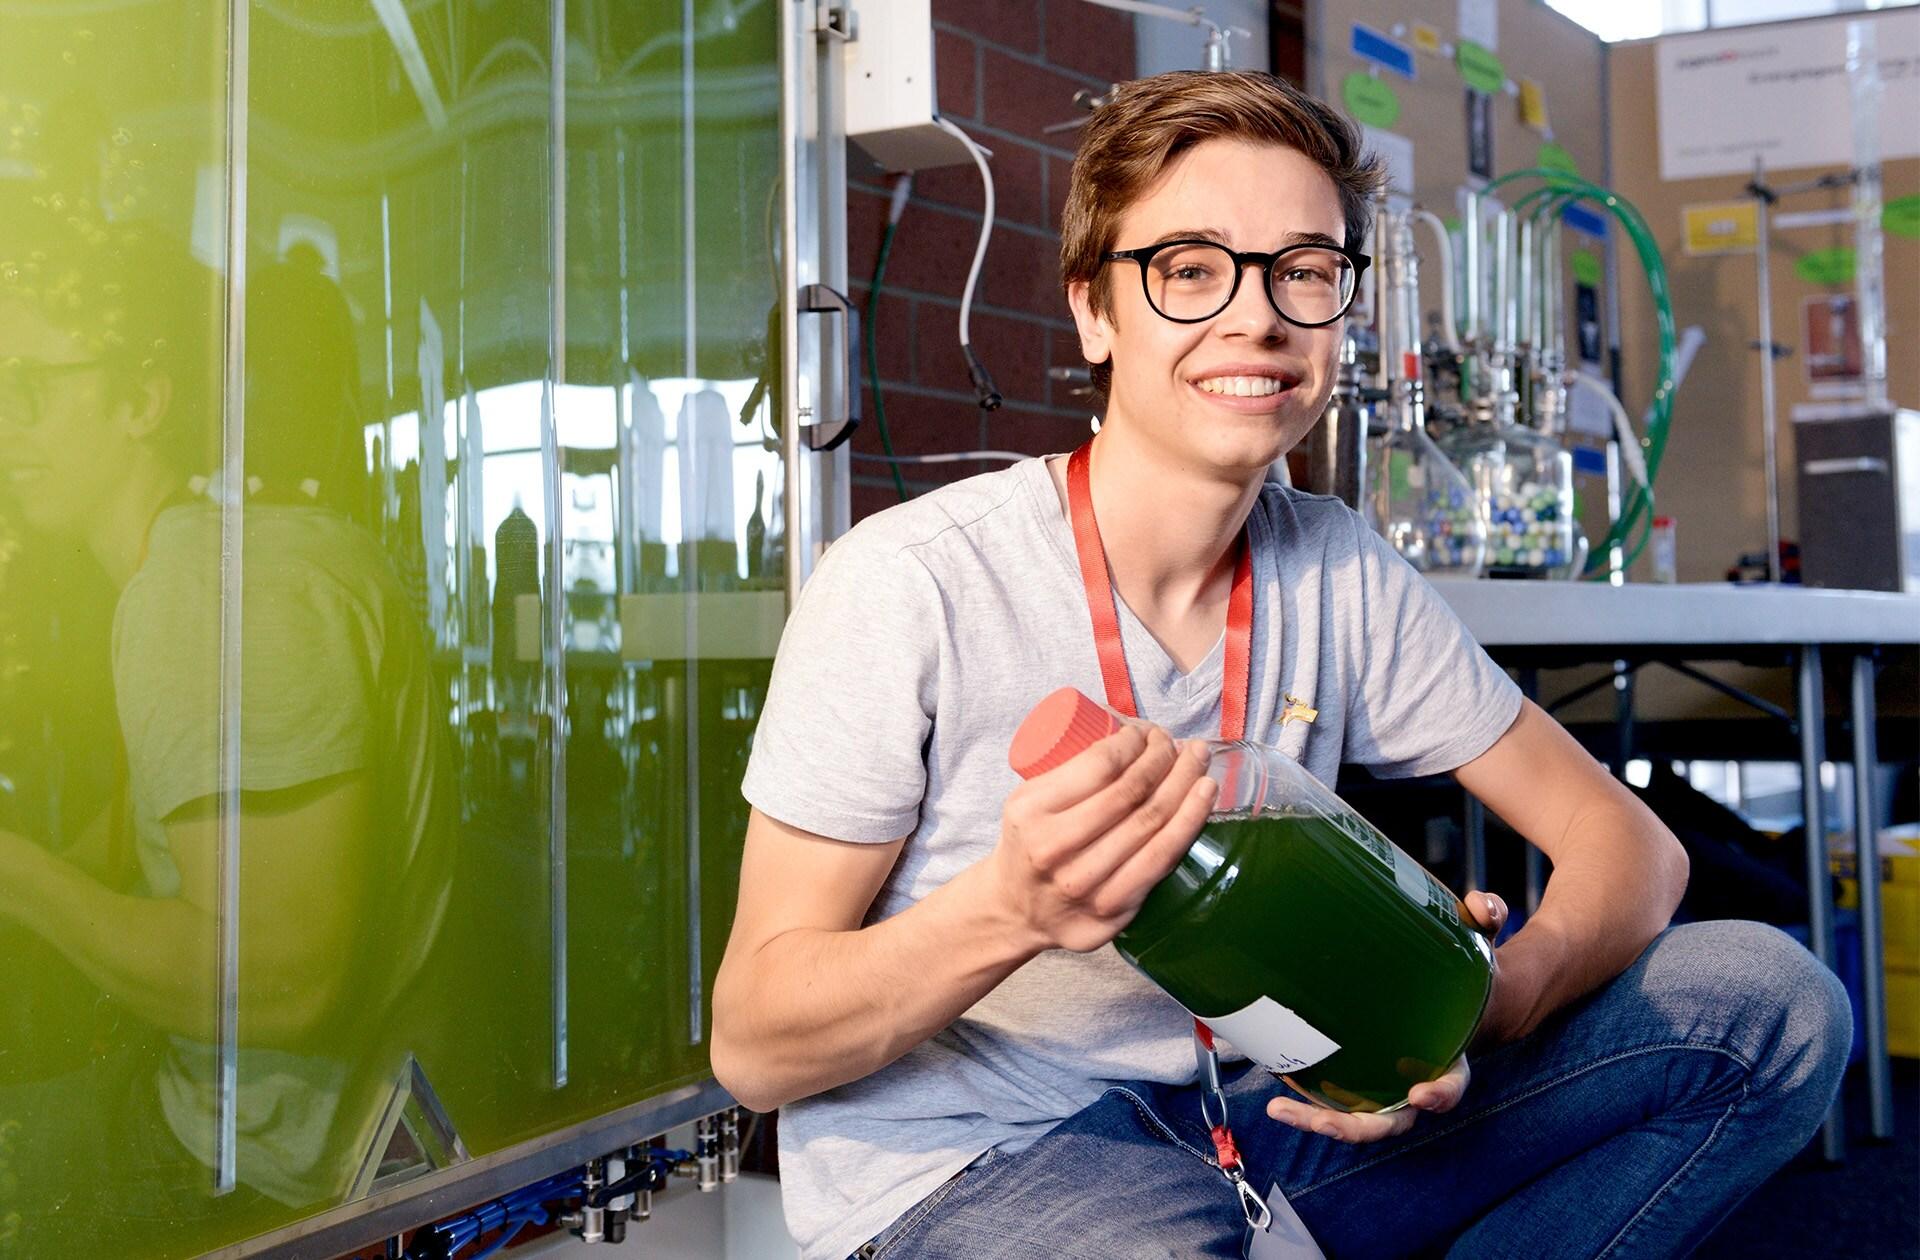 Mladi znanstvenik Moritz Hamberger (19) raziskuje proizvodnjo alternativnih goriv. Upa, da bo s prepisom genetske kode alg nekoč mogoče proizvajati energetsko bogate spojine, kot so biogoriva.